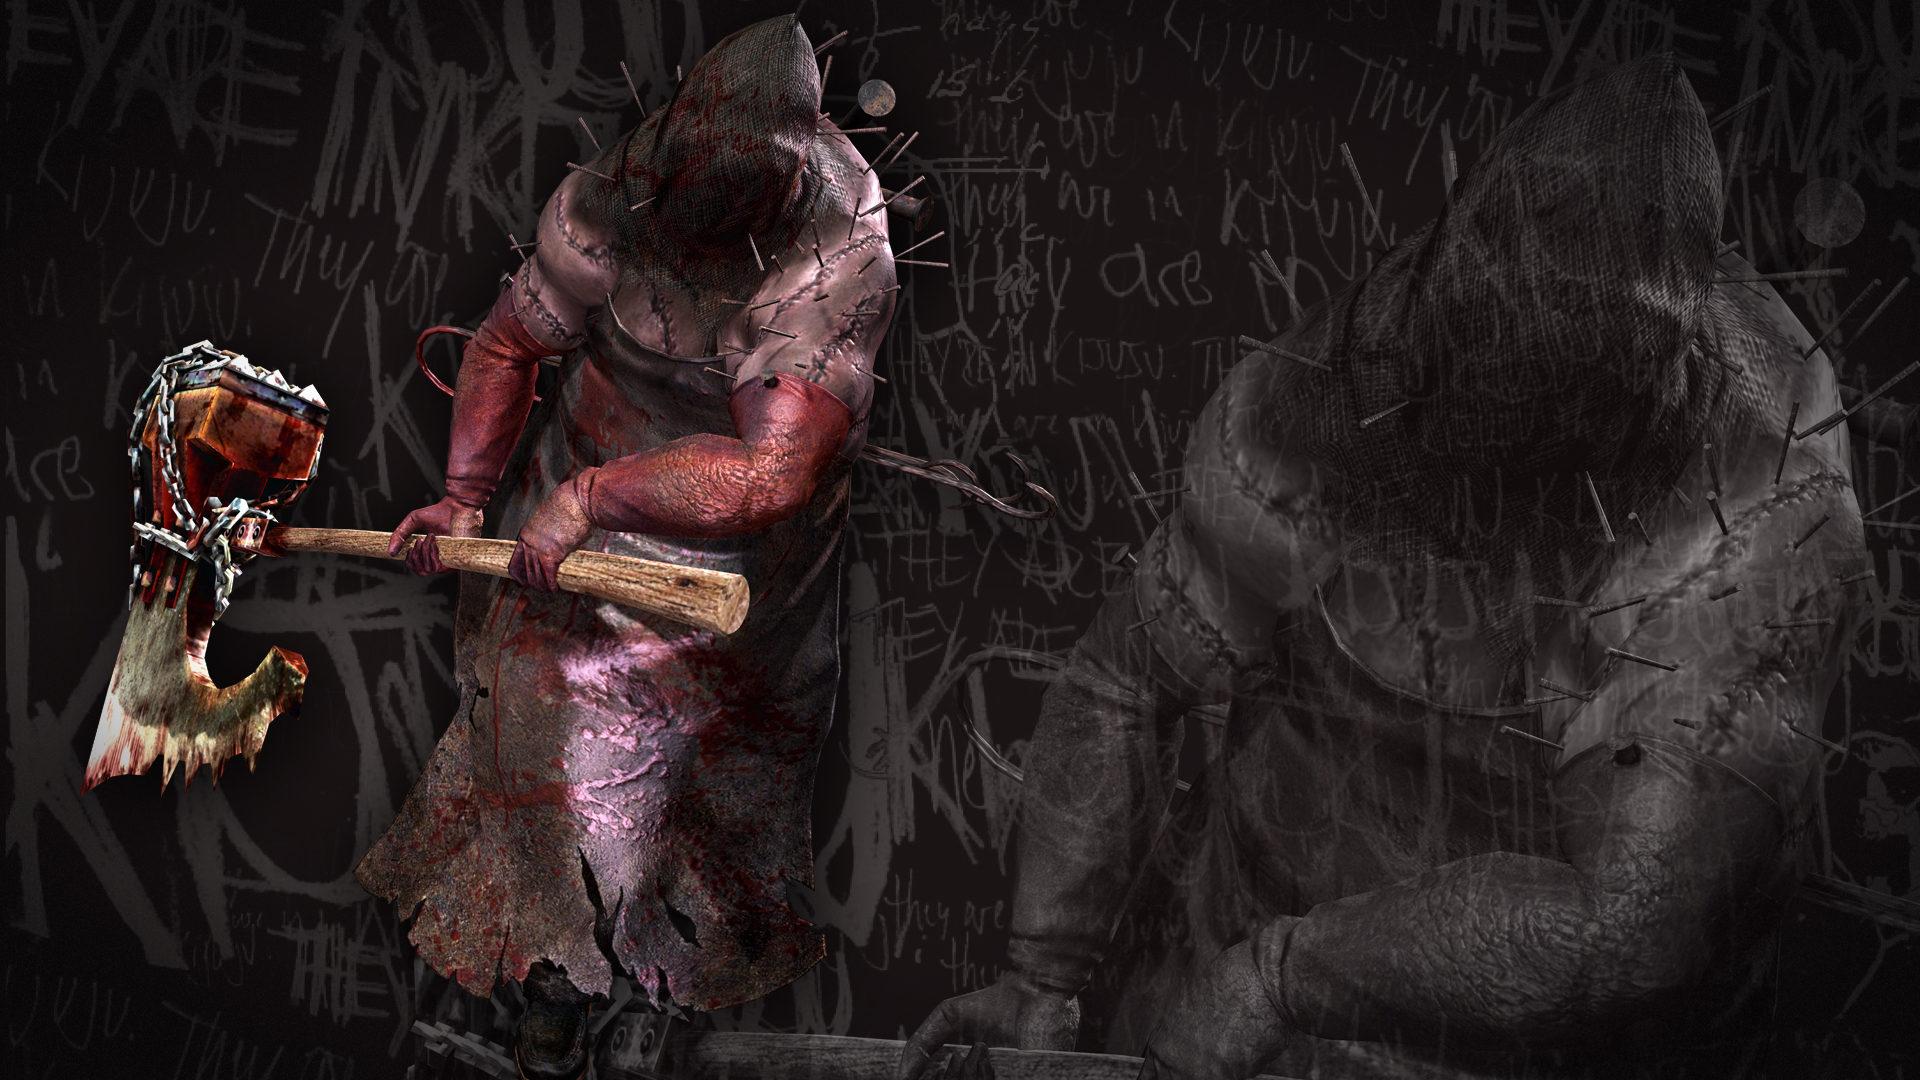 Steam Workshop Resident Evil 5 Excella Wesker Re5 Backgrounds